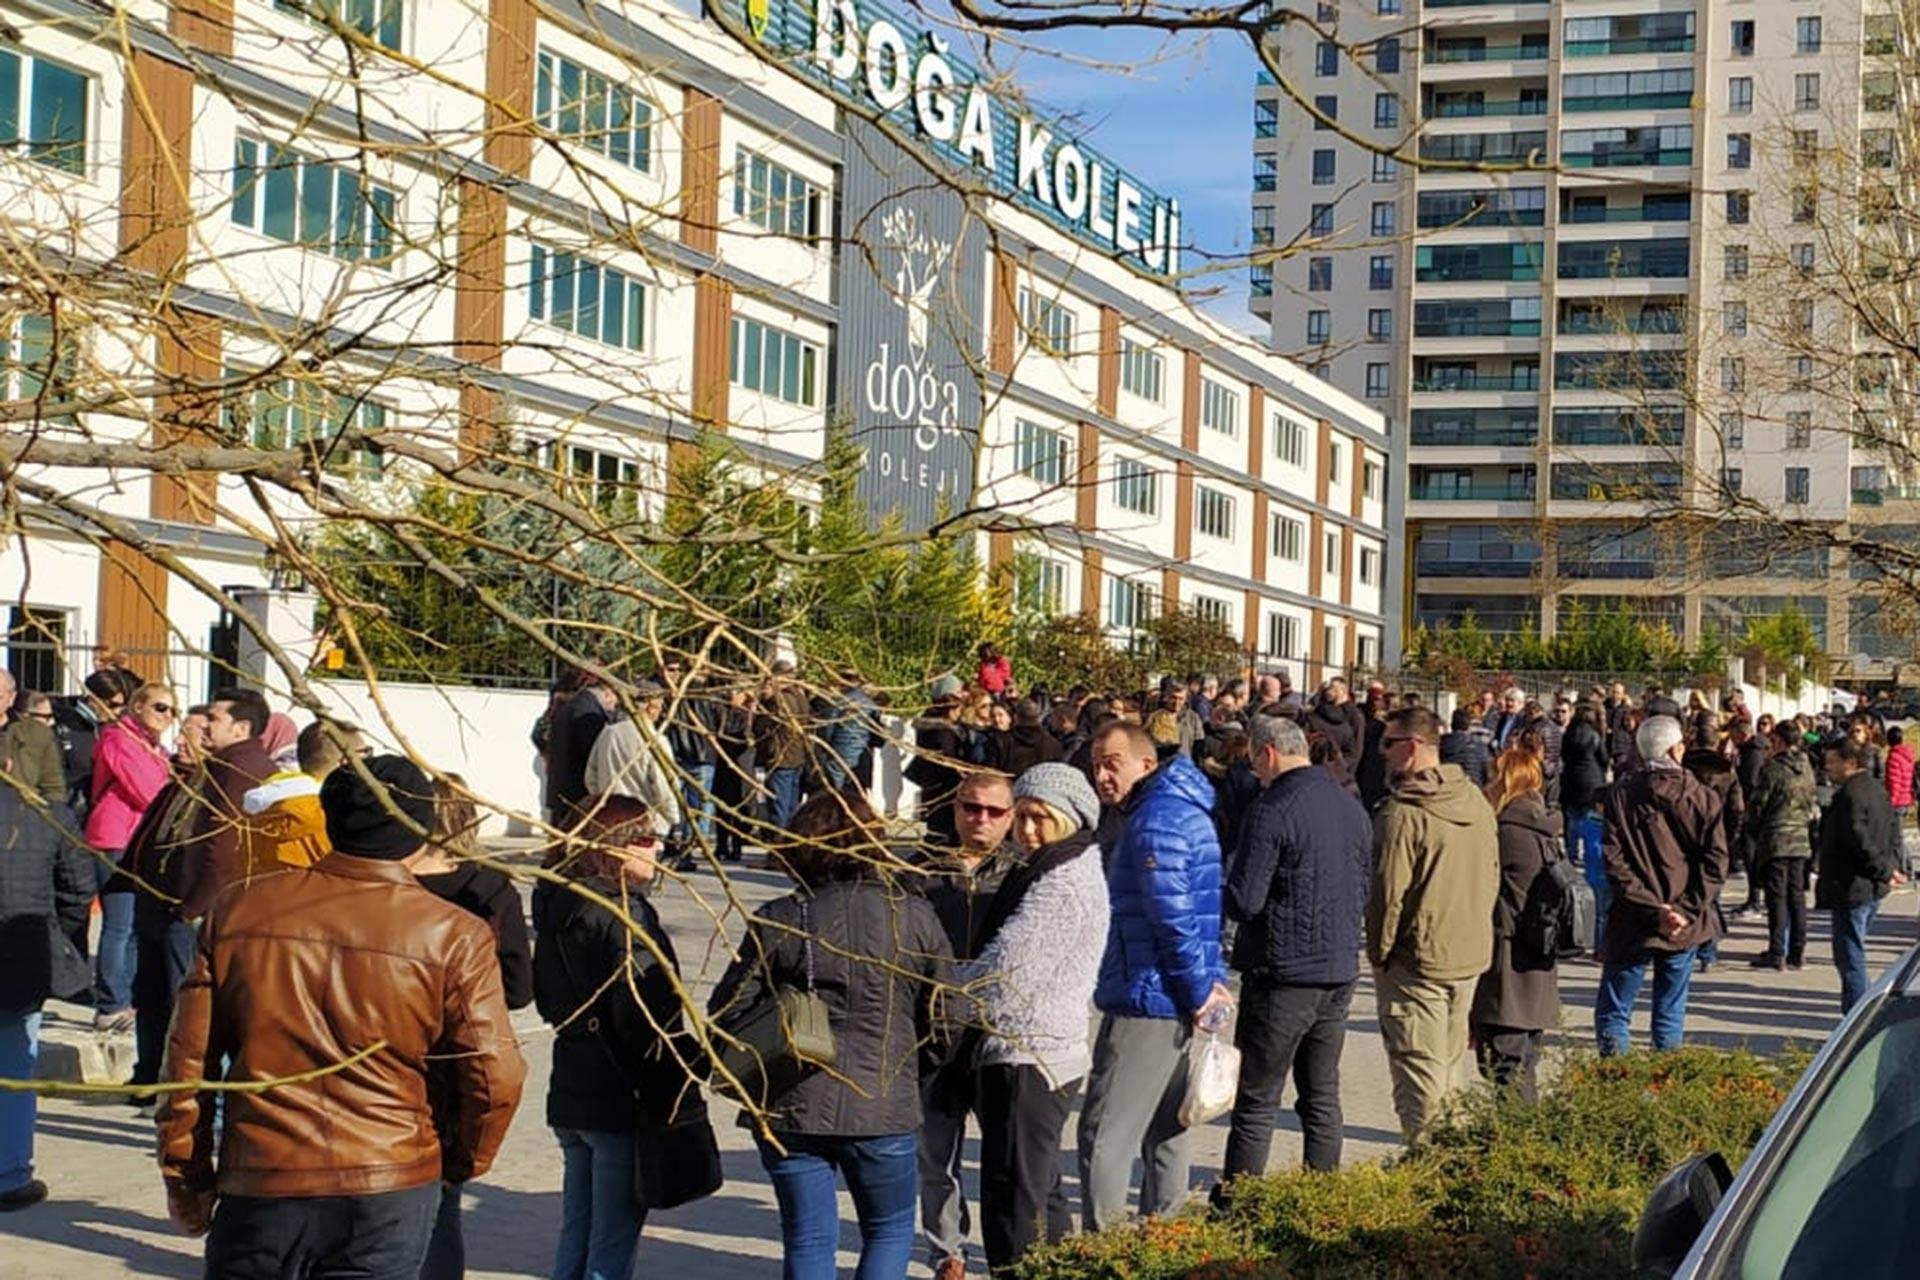 Ankara Eryaman'da bulunan Doğa Koleji binası önüne gelen veliler, yönetimin açıklama yapmamasına dair protesto eylemi yaptı